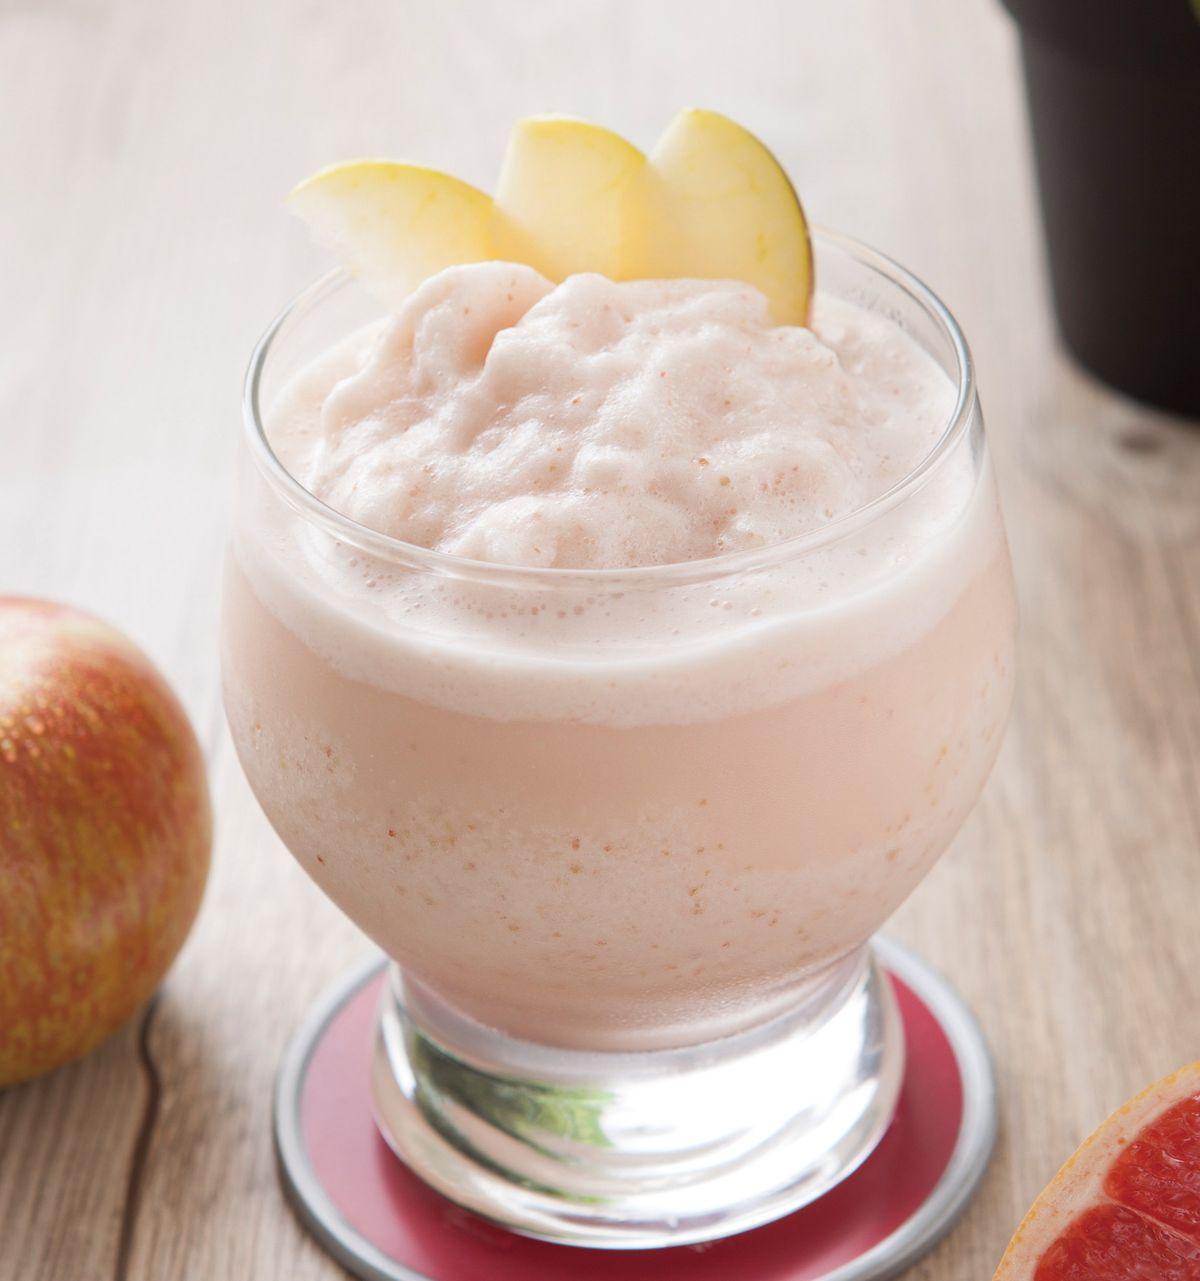 食譜:蘋果葡萄柚雪酪